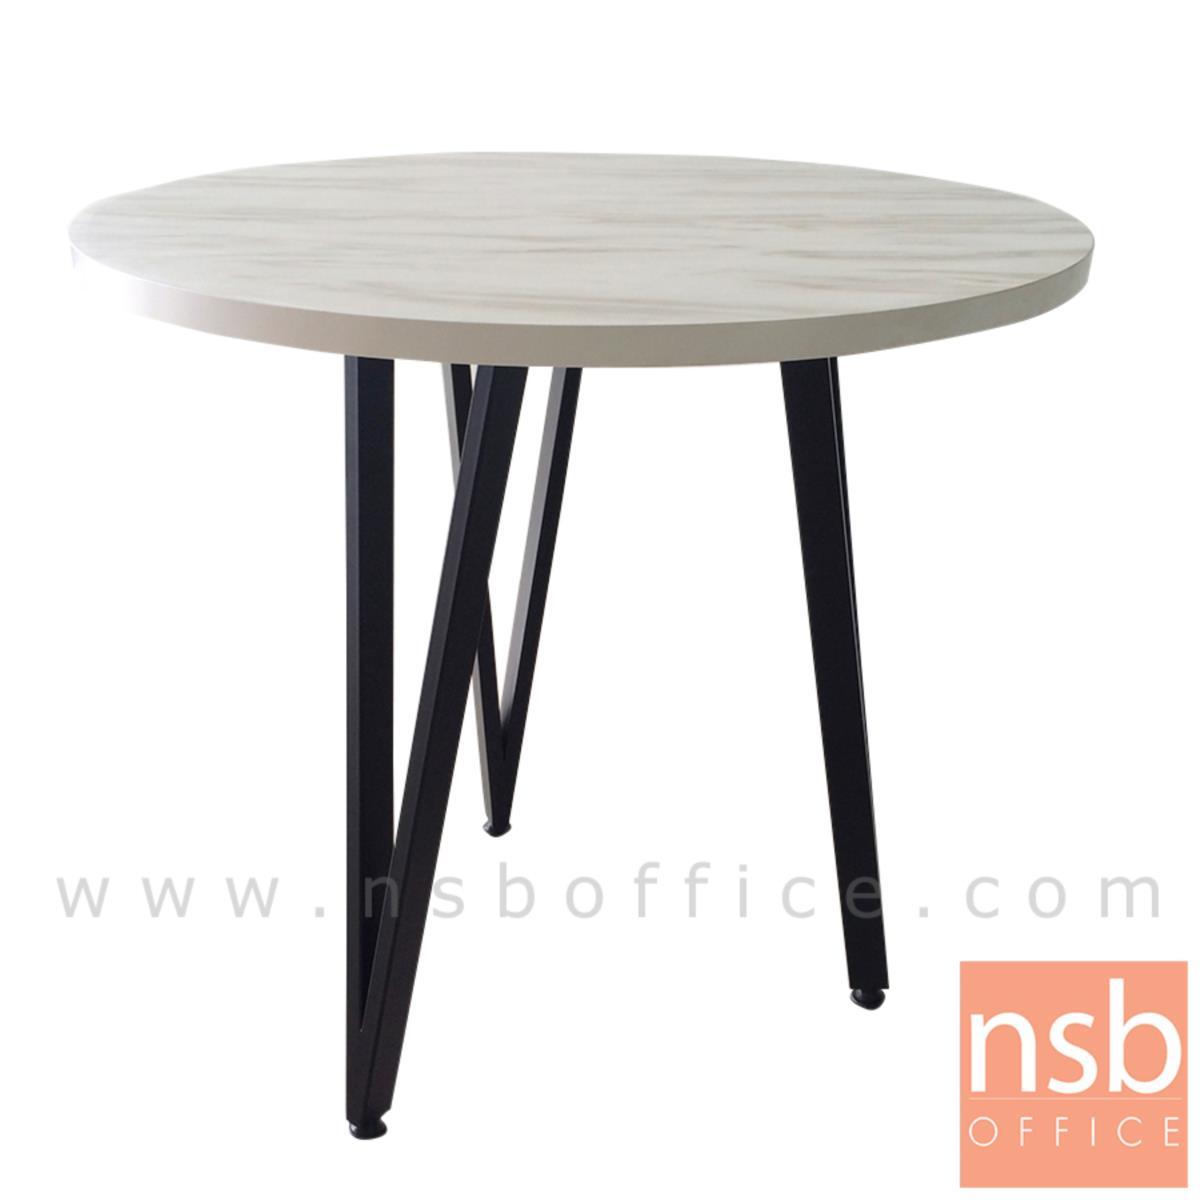 A14A245:โต๊ะกลมหน้าเมลามีน 80 cm รุ่น Springfield (สปริงฟีลด์)   ขาเหล็กทรงสามเหลี่ยม